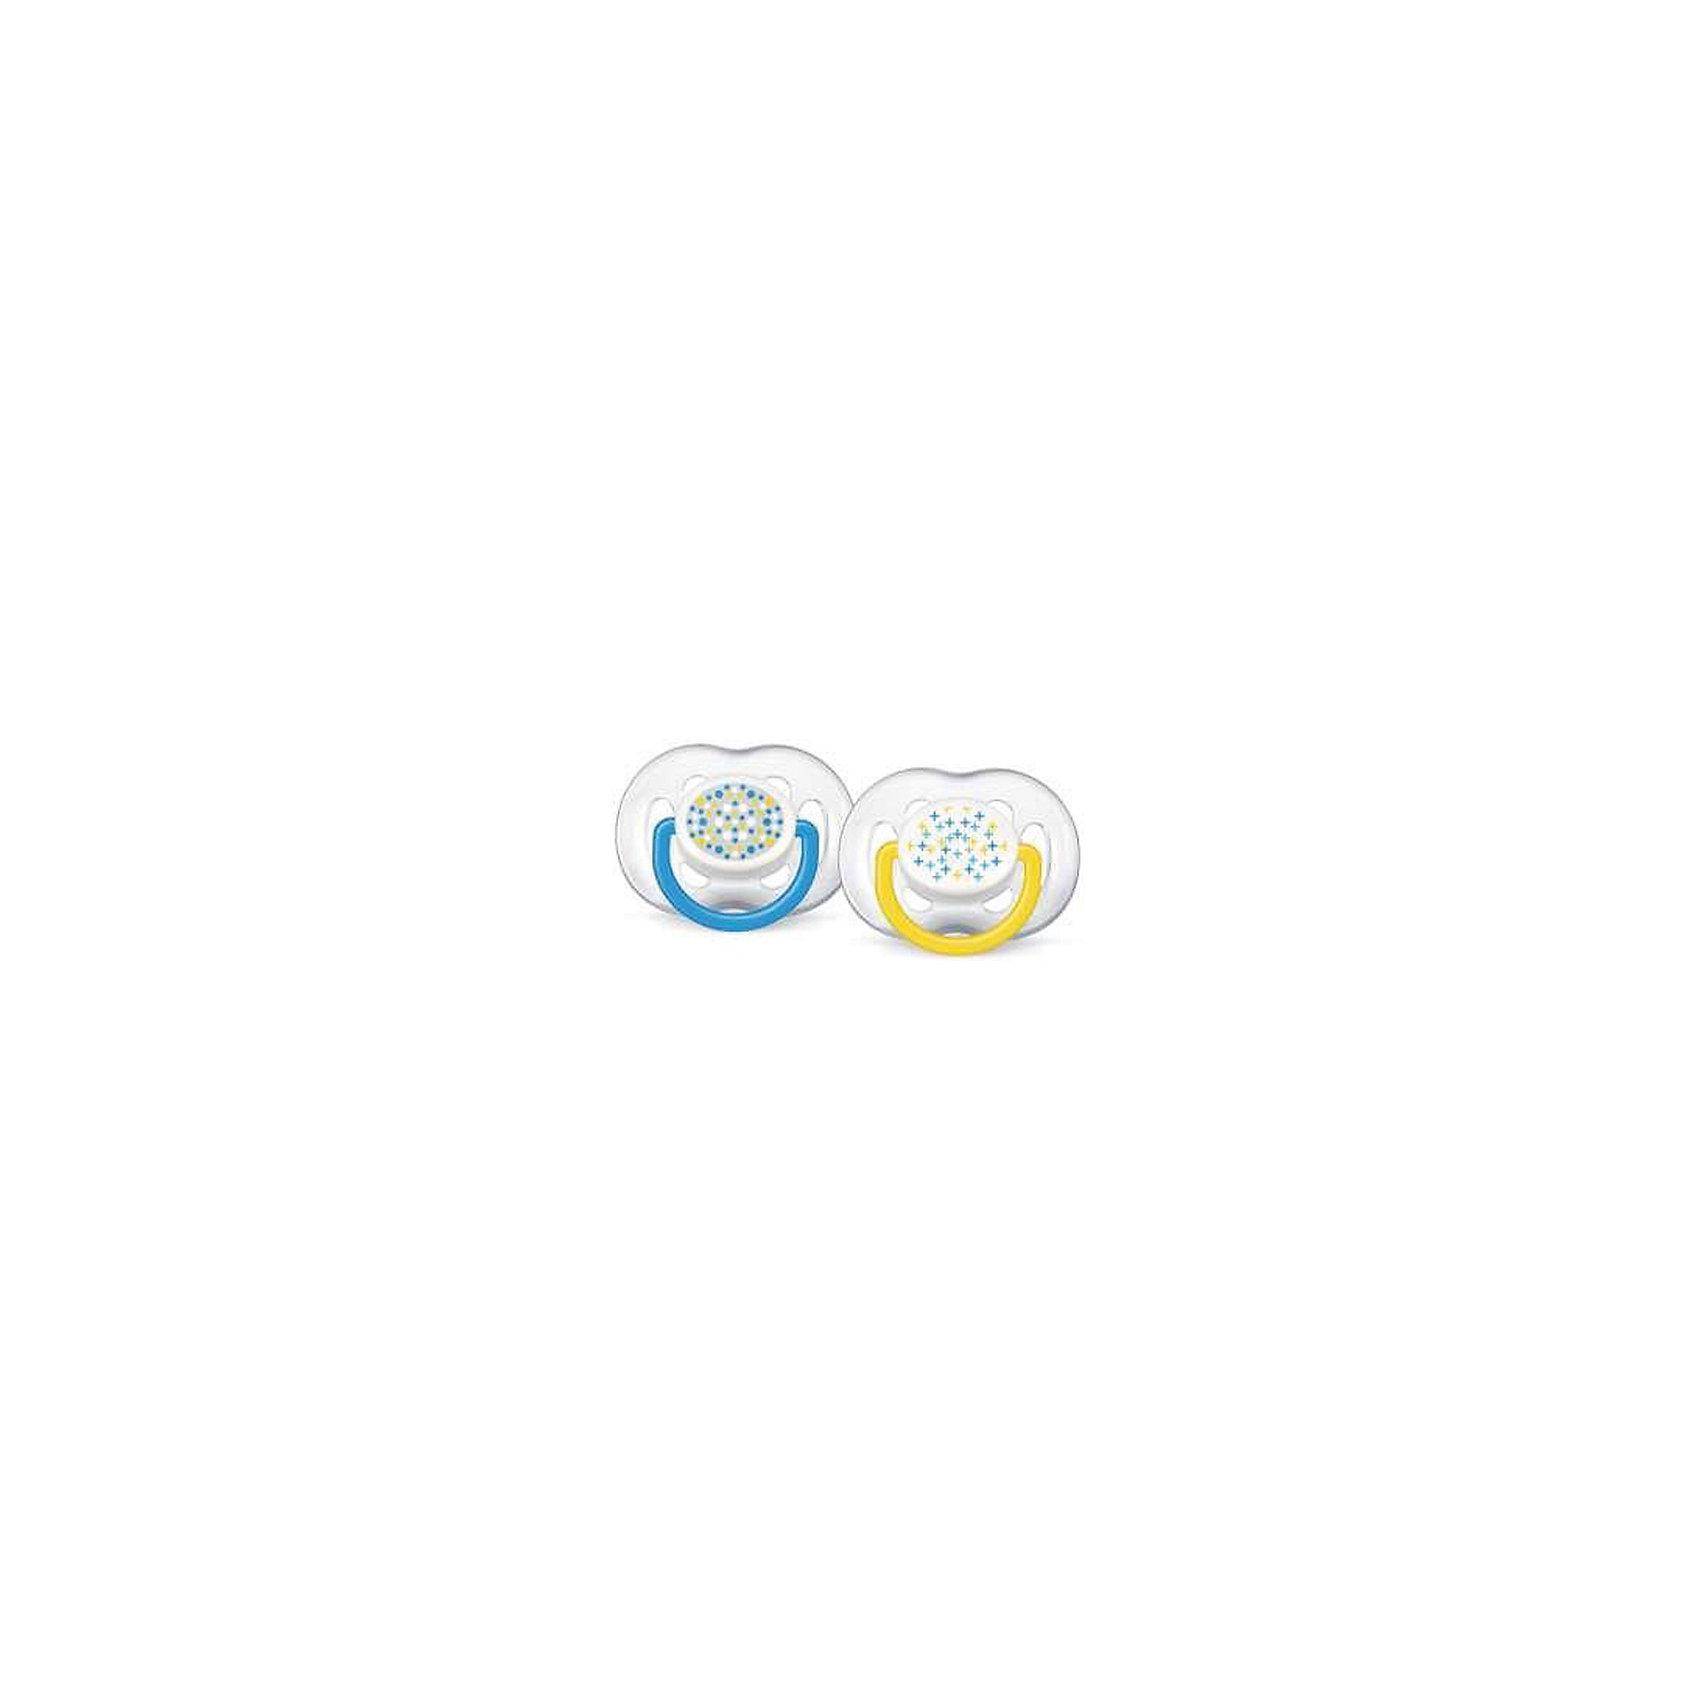 PHILIPS AVENT Силиконовая пустышка Free Flow Design, 6-18 мес., 2 шт., AVENT, голубой/желтый